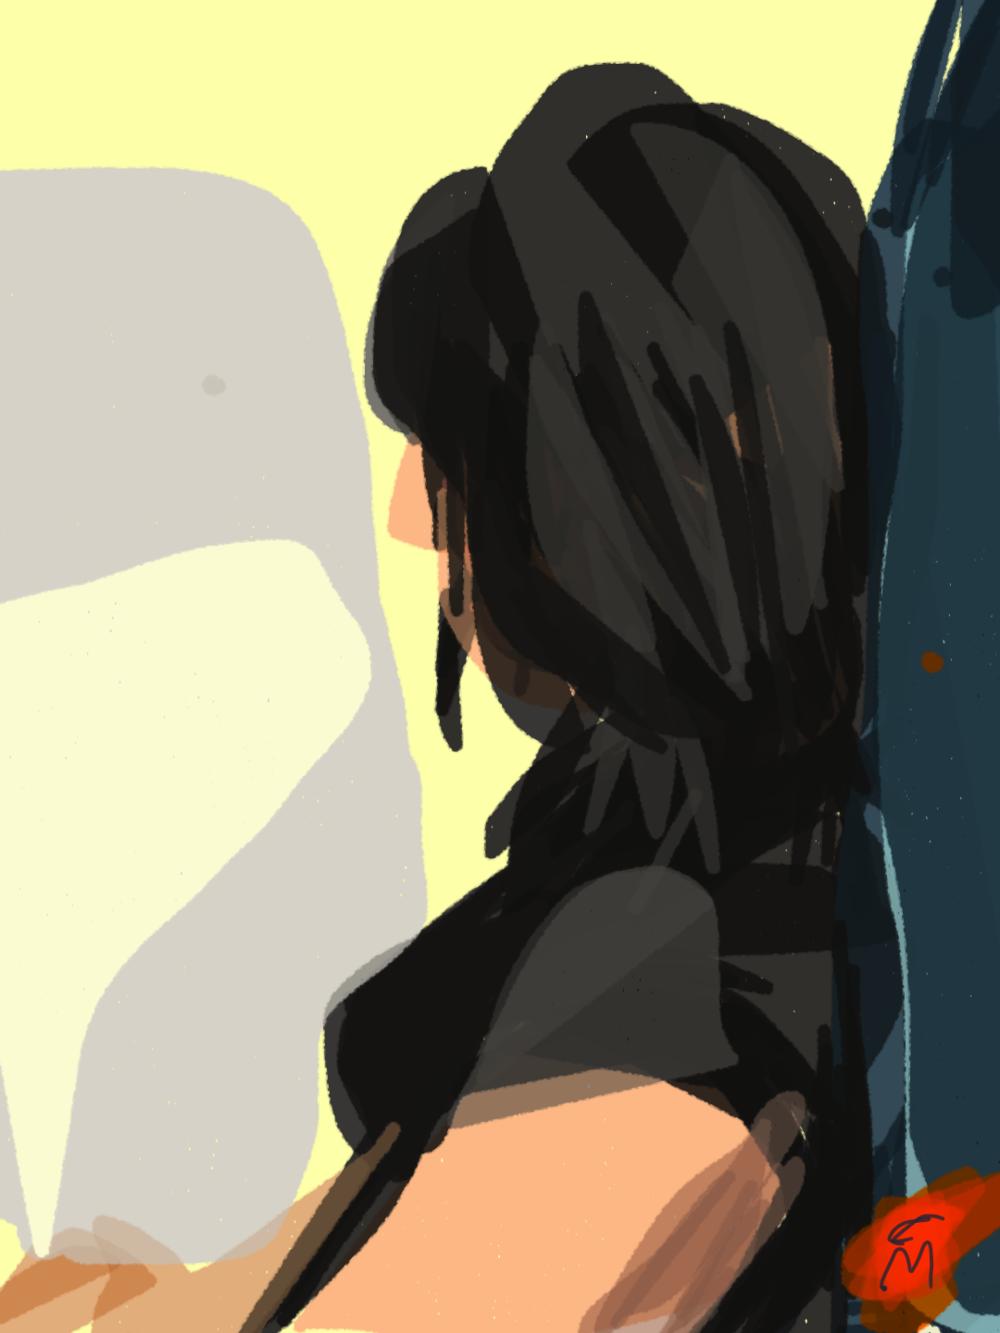 Caltrain Sketches - 23.png